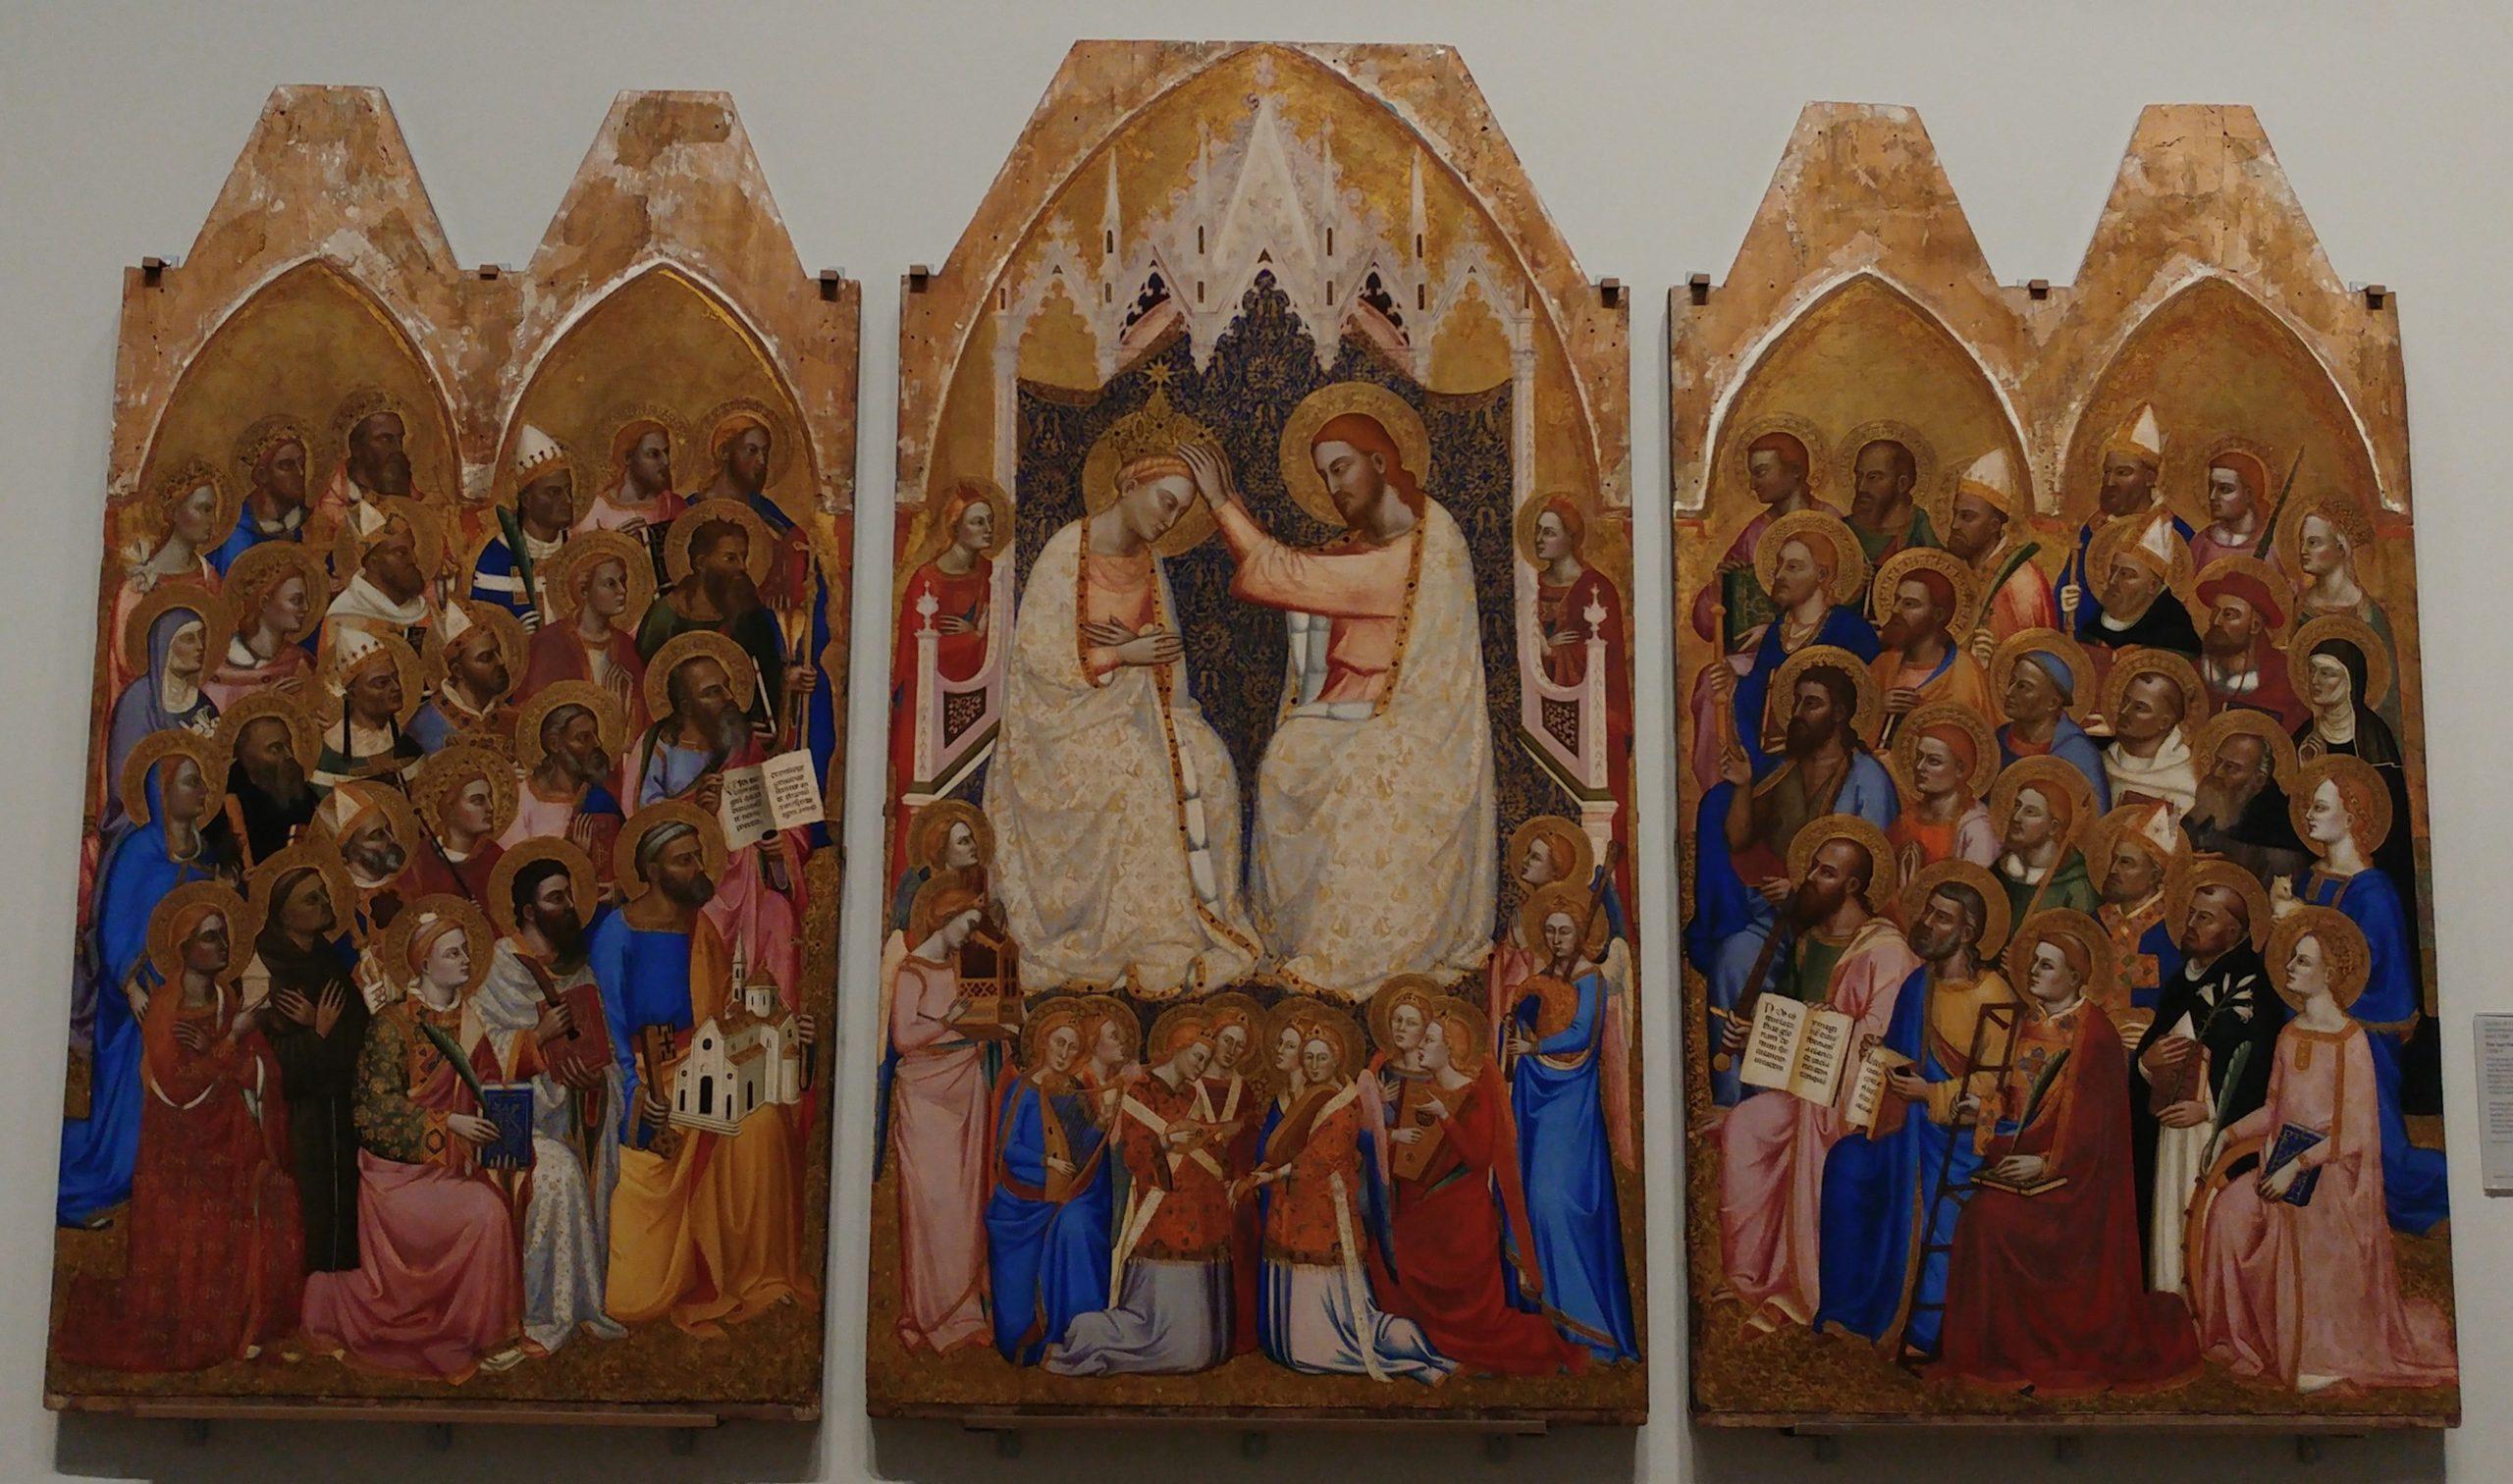 Couronnement de la Vierge de Jacopo di Cione conservé à la National Gallery de Londres et datant de 1370-1371